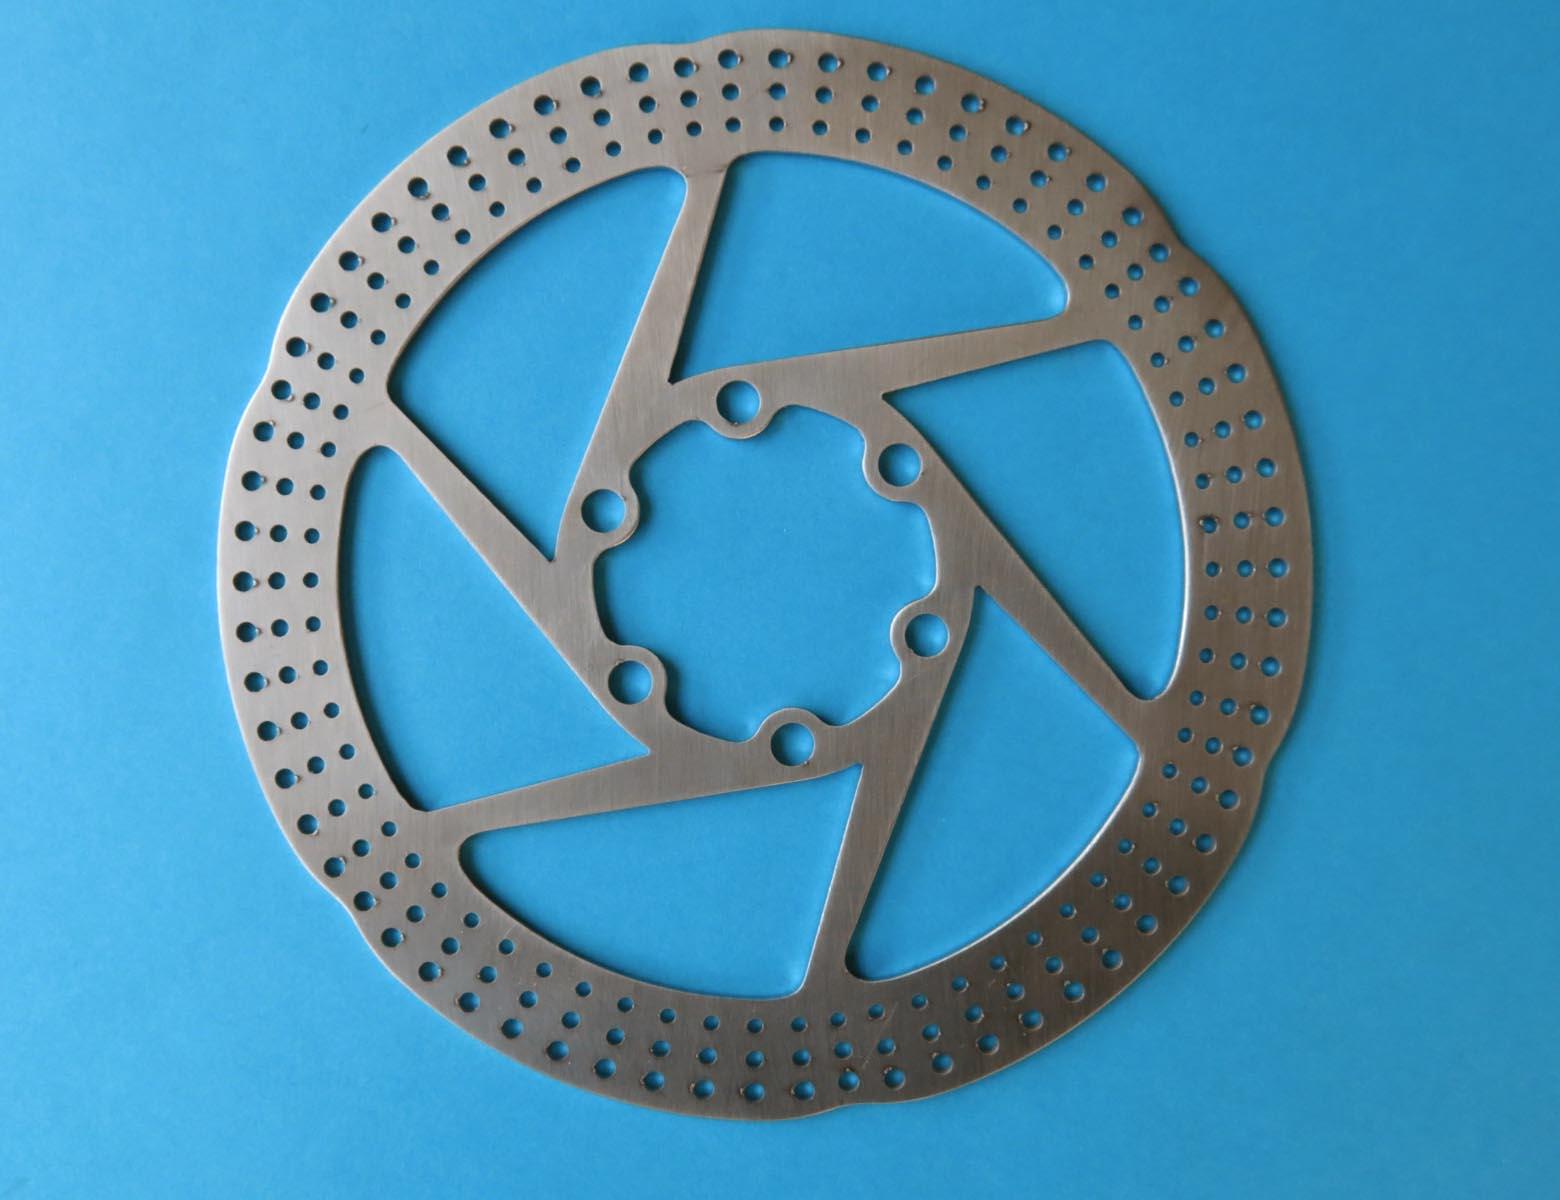 Stainless Steel Brake disc